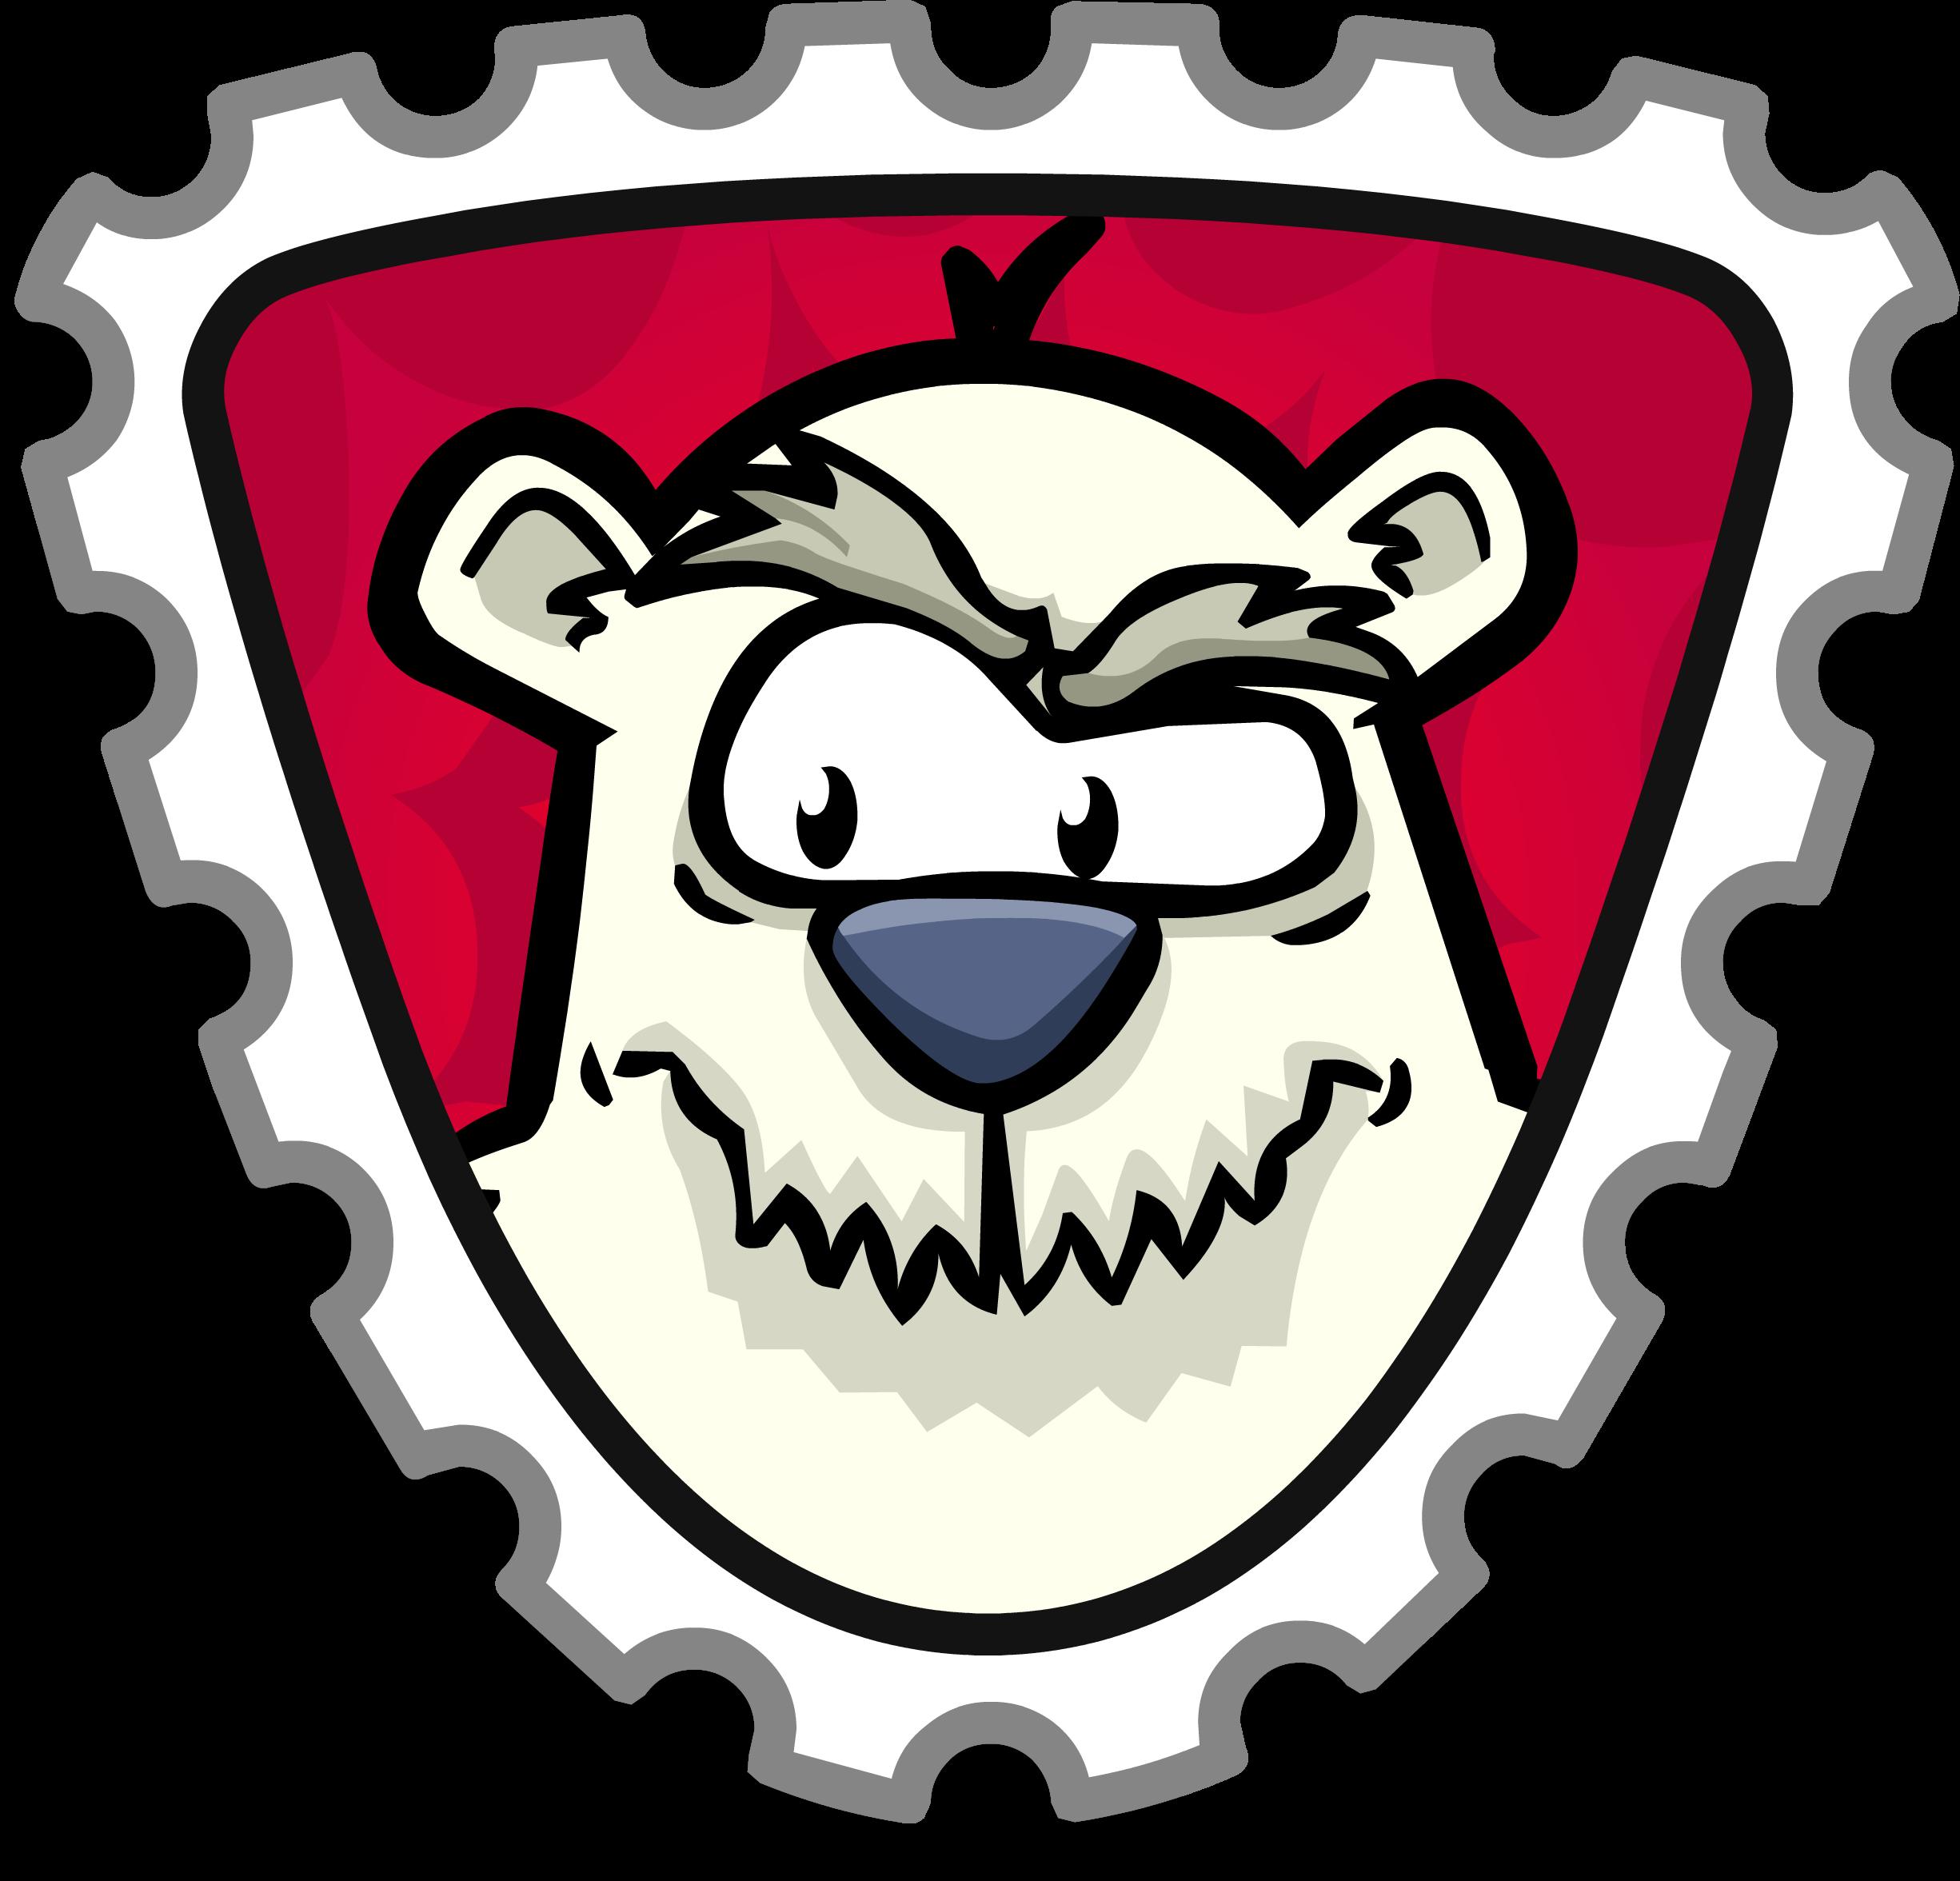 Herbert P Bear Stamp